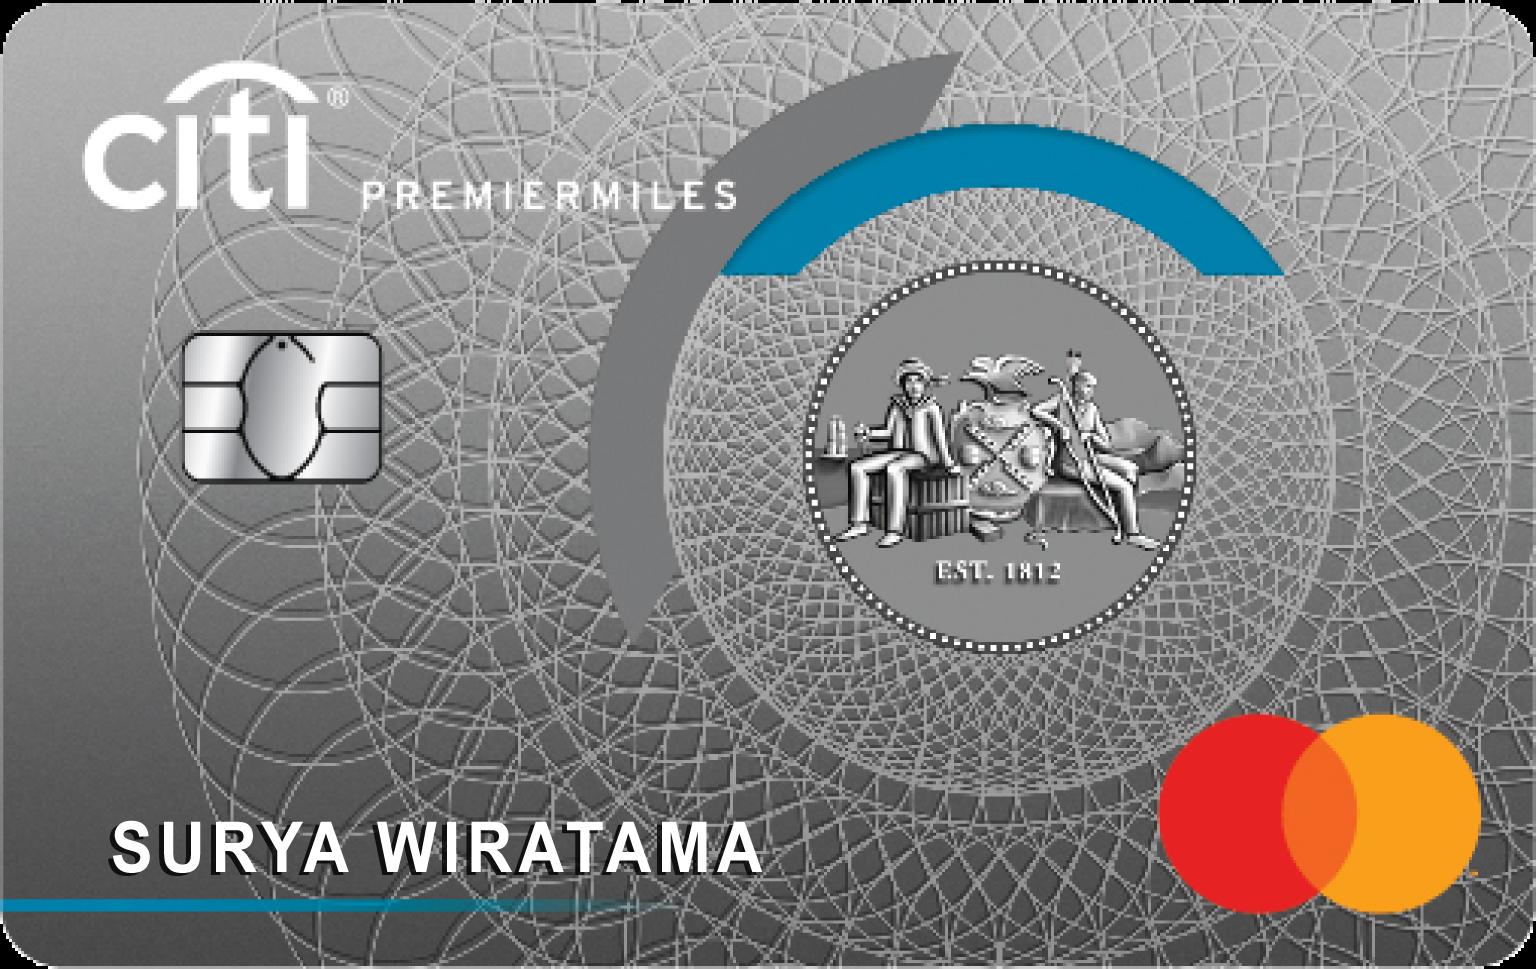 Kartu Kredit Citibank Kartu Kredit Citi Premiermiles Tokopedia